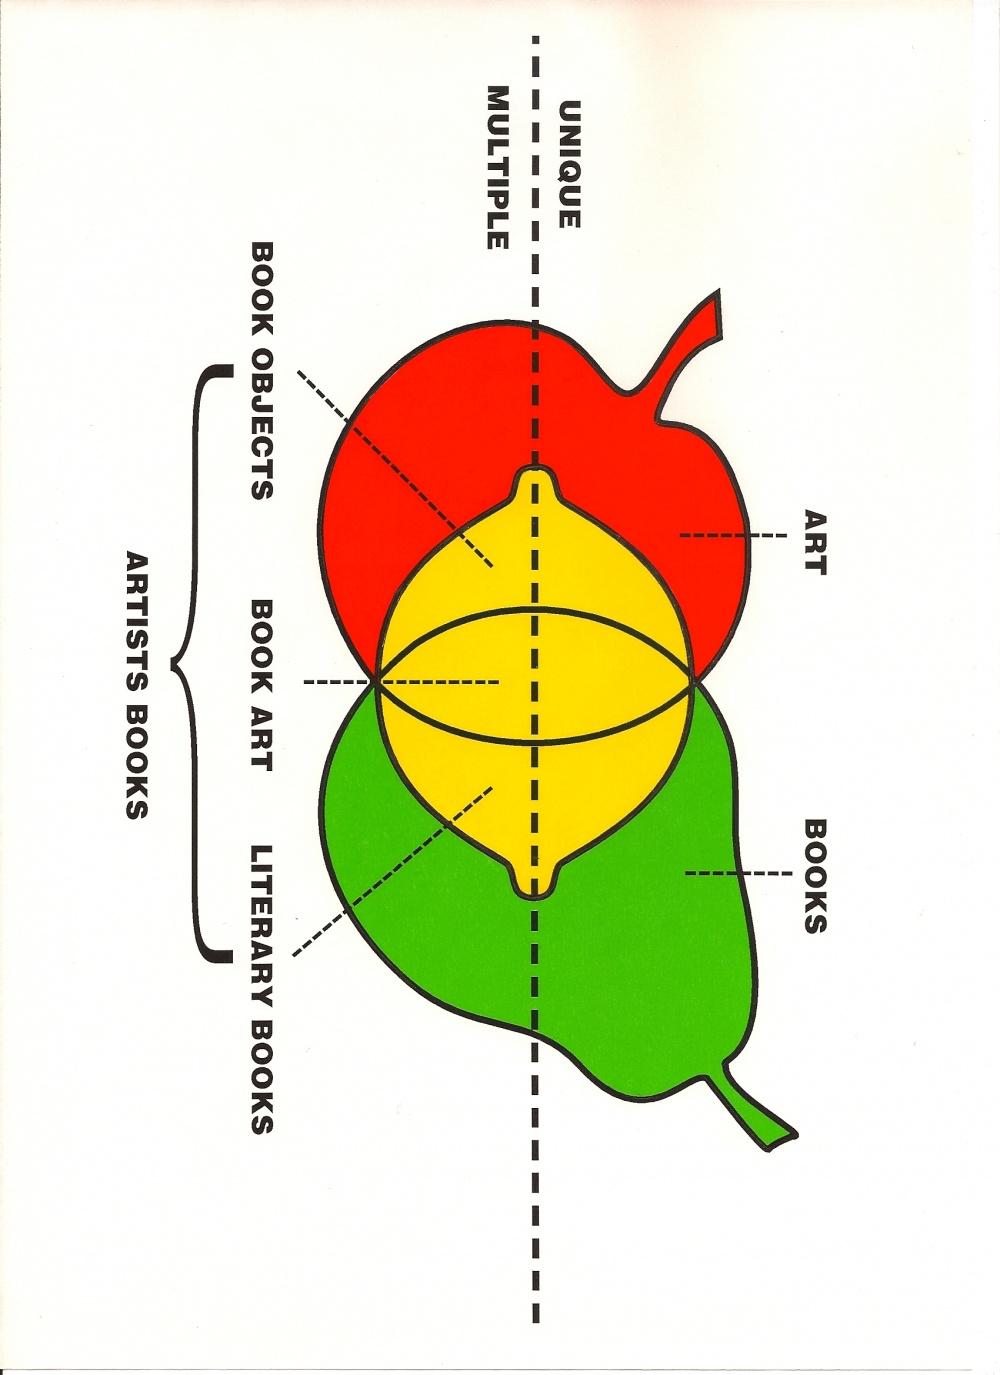 AB Diagram 2